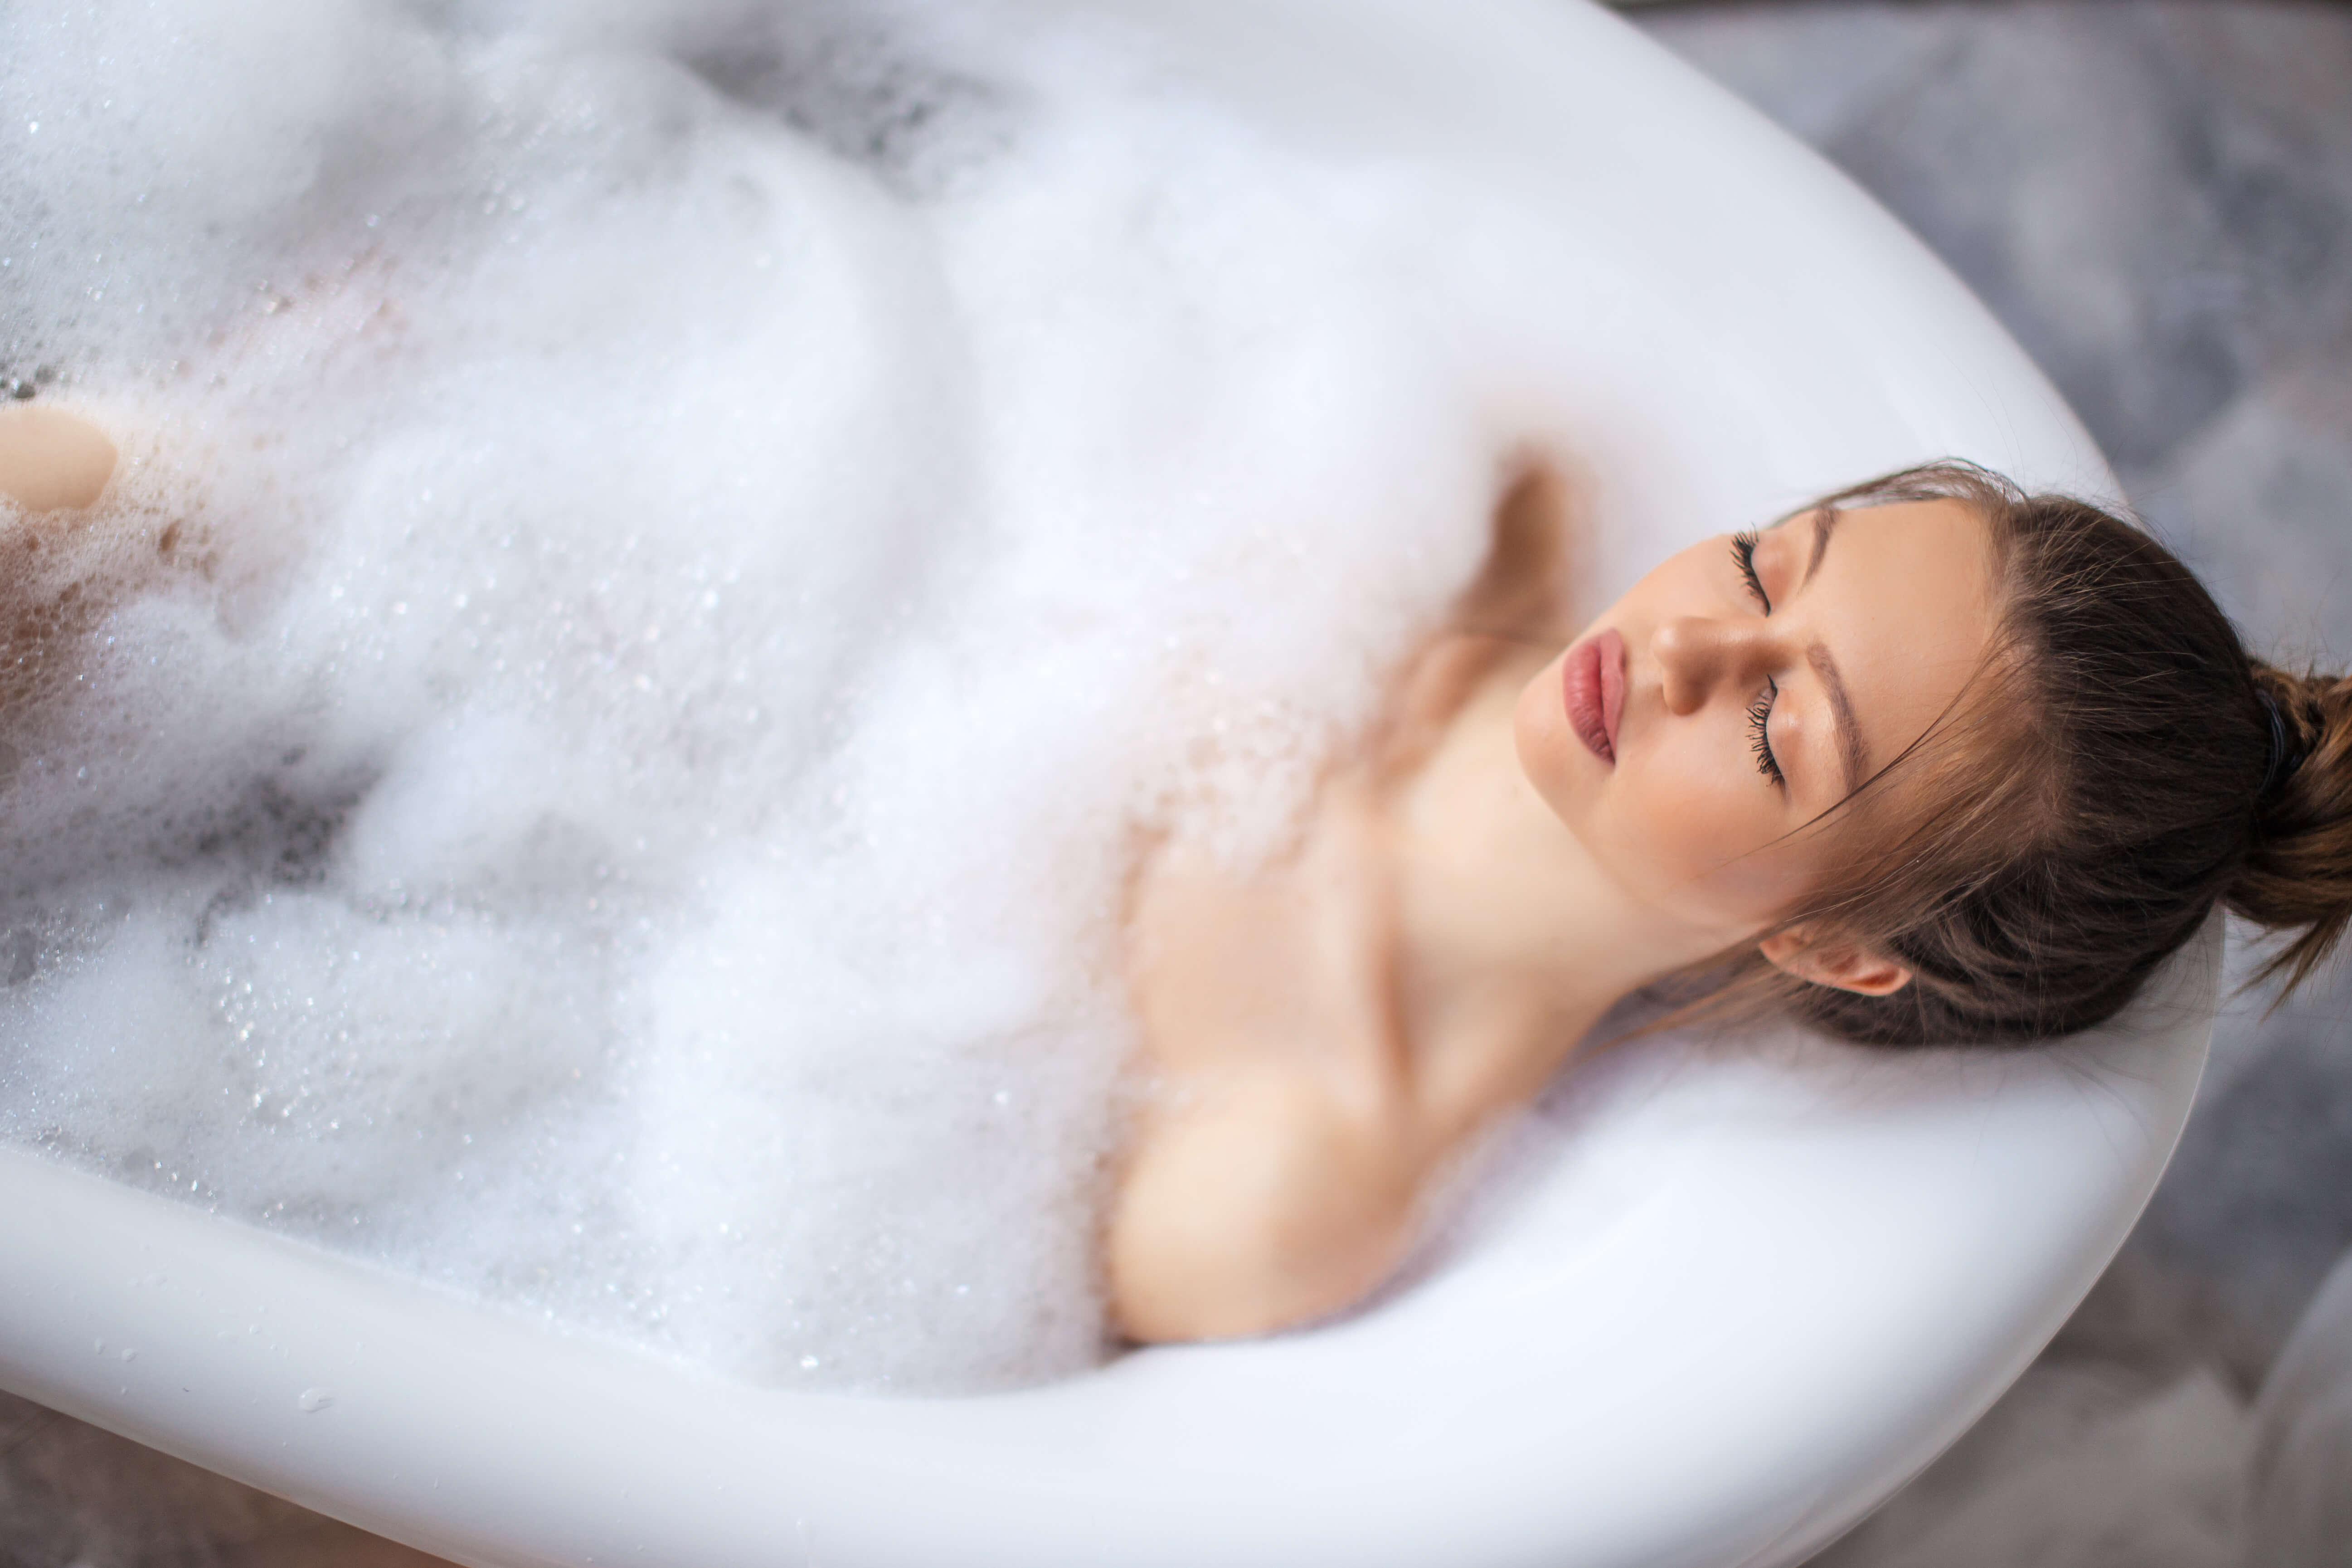 Переохлаждение, бессонница, стресс…все можно решить, приняв ванну